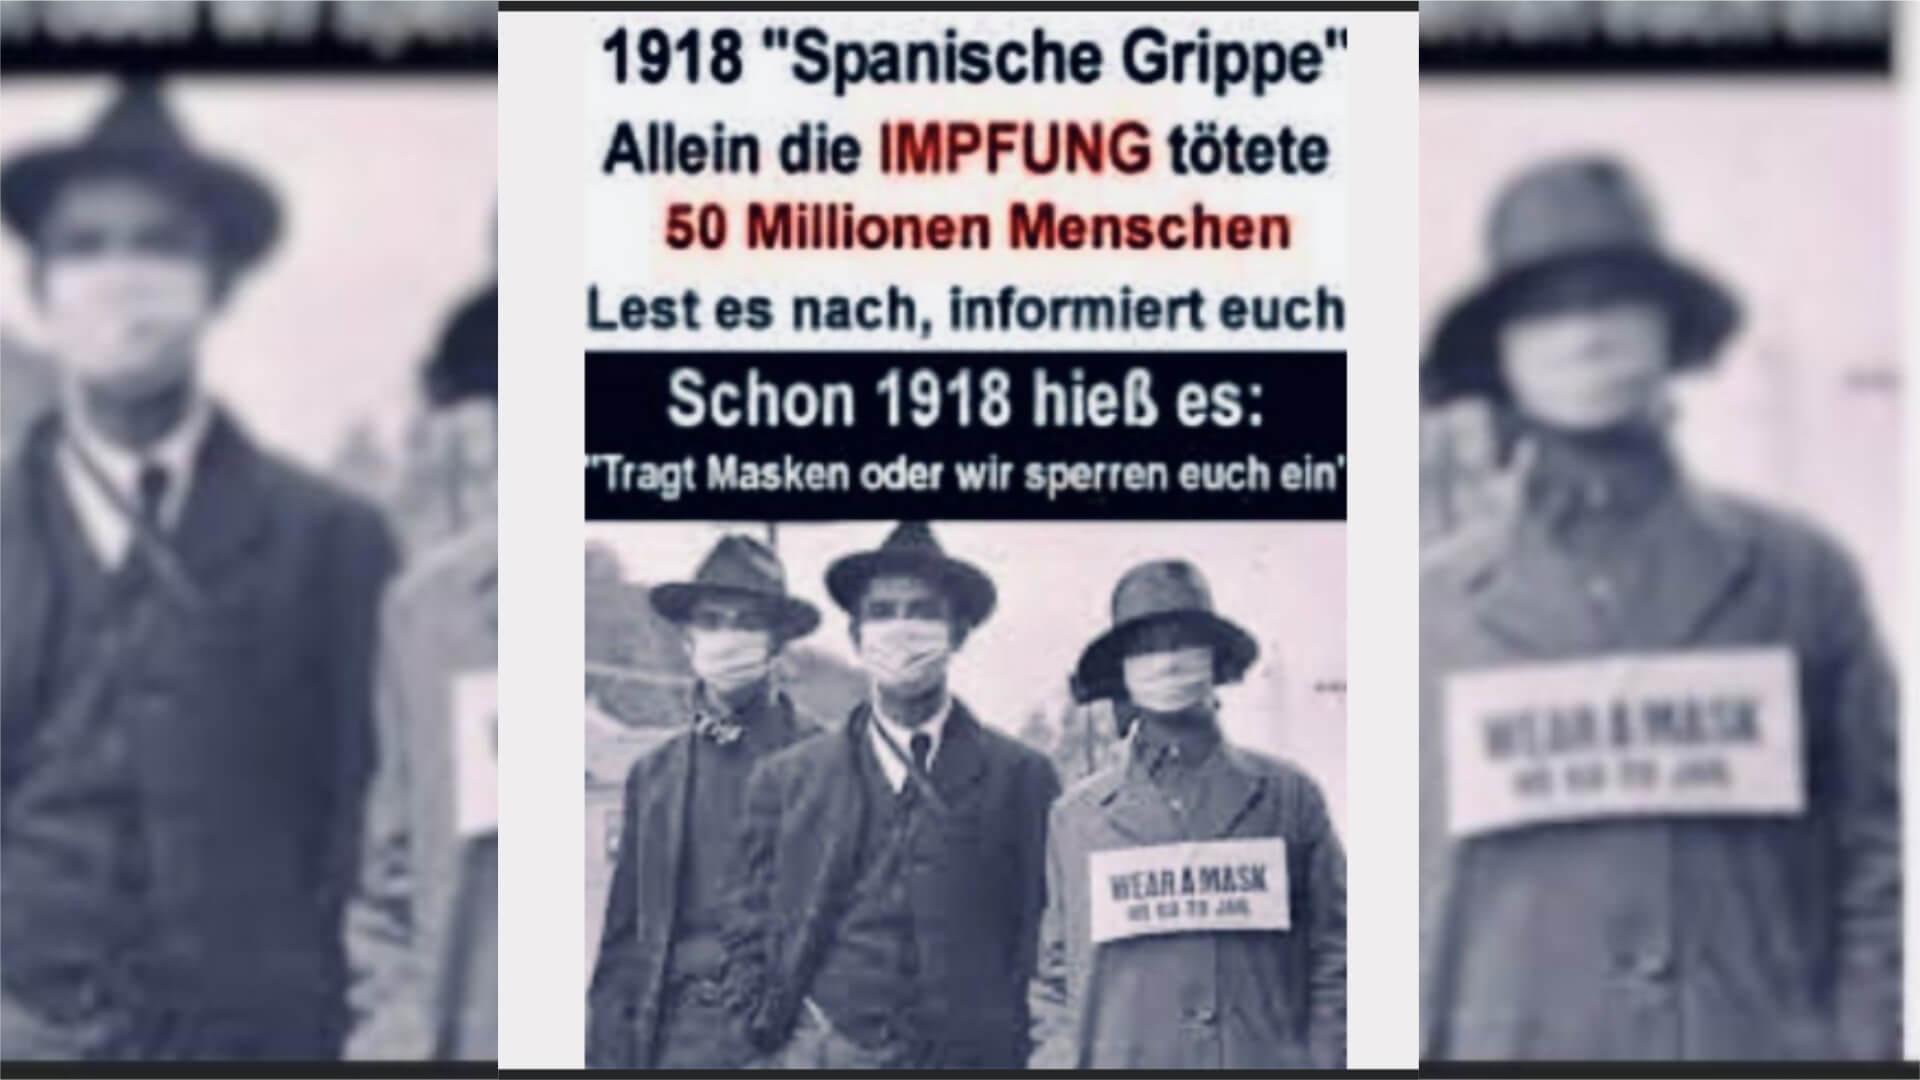 Es gab keinen Impfstoff gegen die Spanische Grippe 1918 – daher konnte niemand an einer Impfung sterben